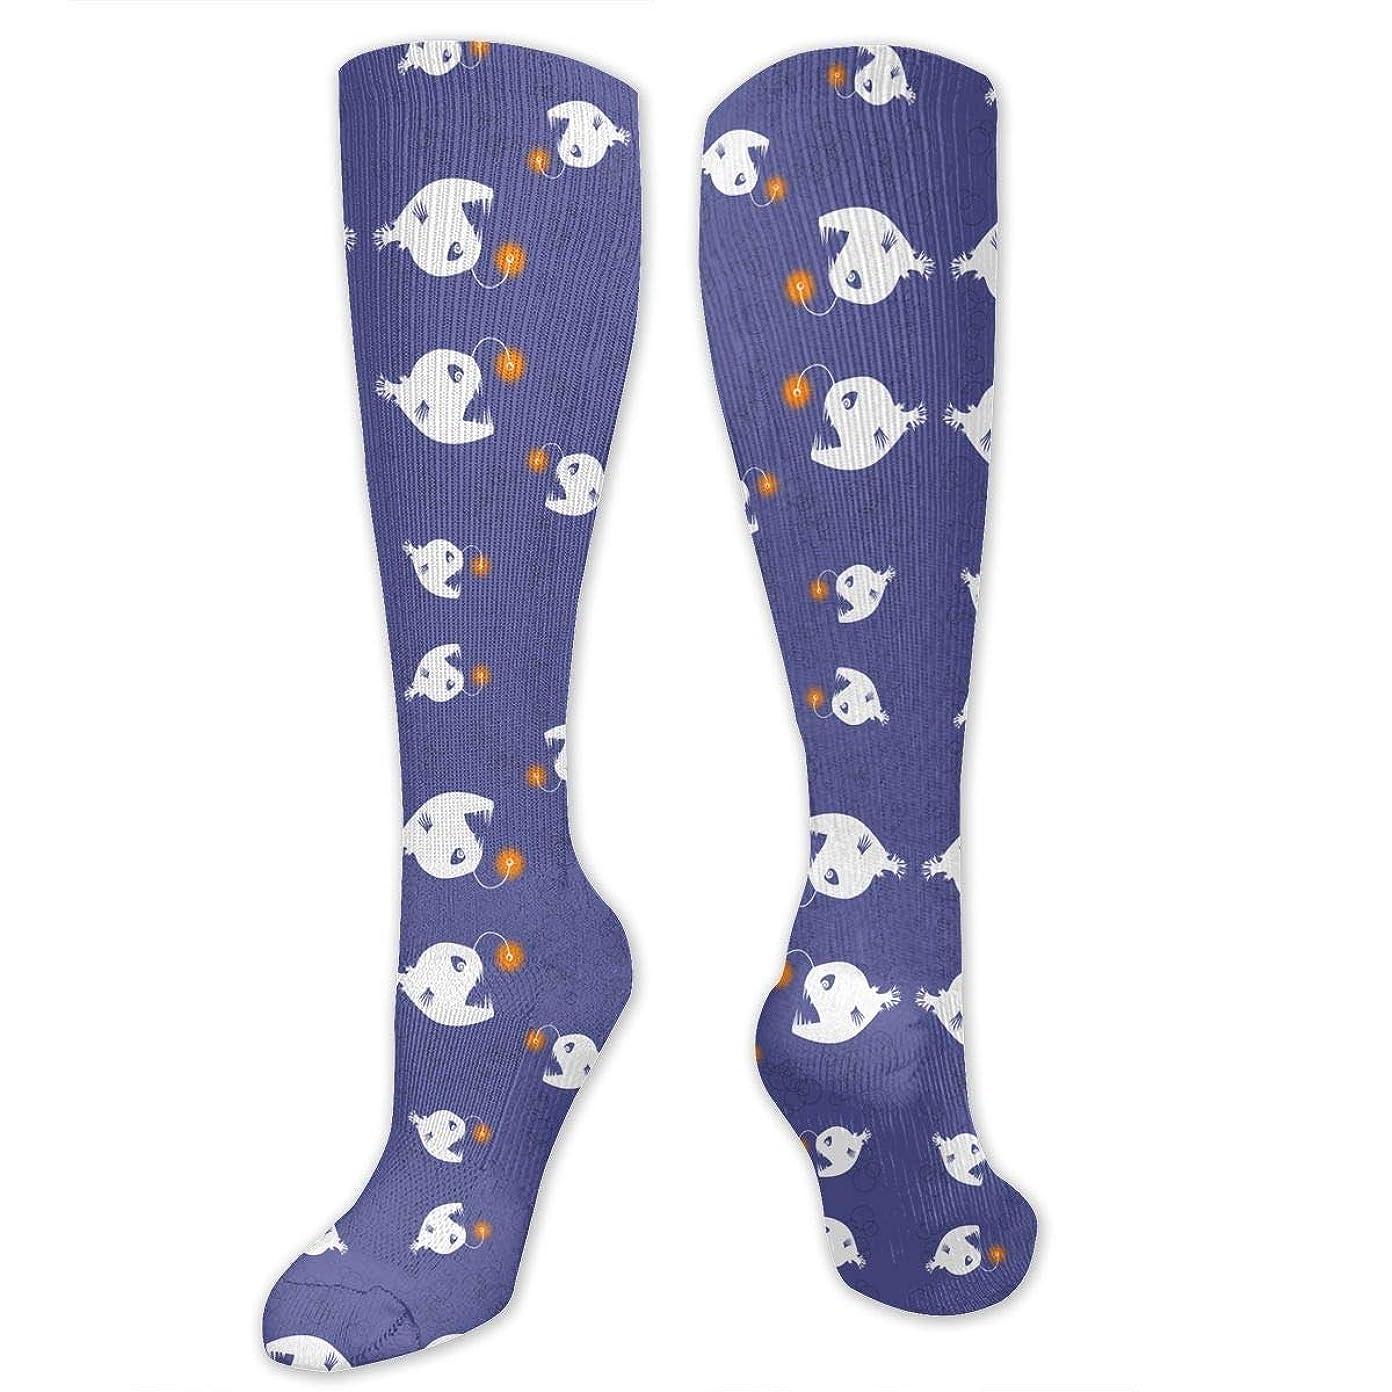 紫のサービス郵便屋さん靴下,ストッキング,野生のジョーカー,実際,秋の本質,冬必須,サマーウェア&RBXAA Angler Fish Socks Women's Winter Cotton Long Tube Socks Cotton Solid & Patterned Dress Socks